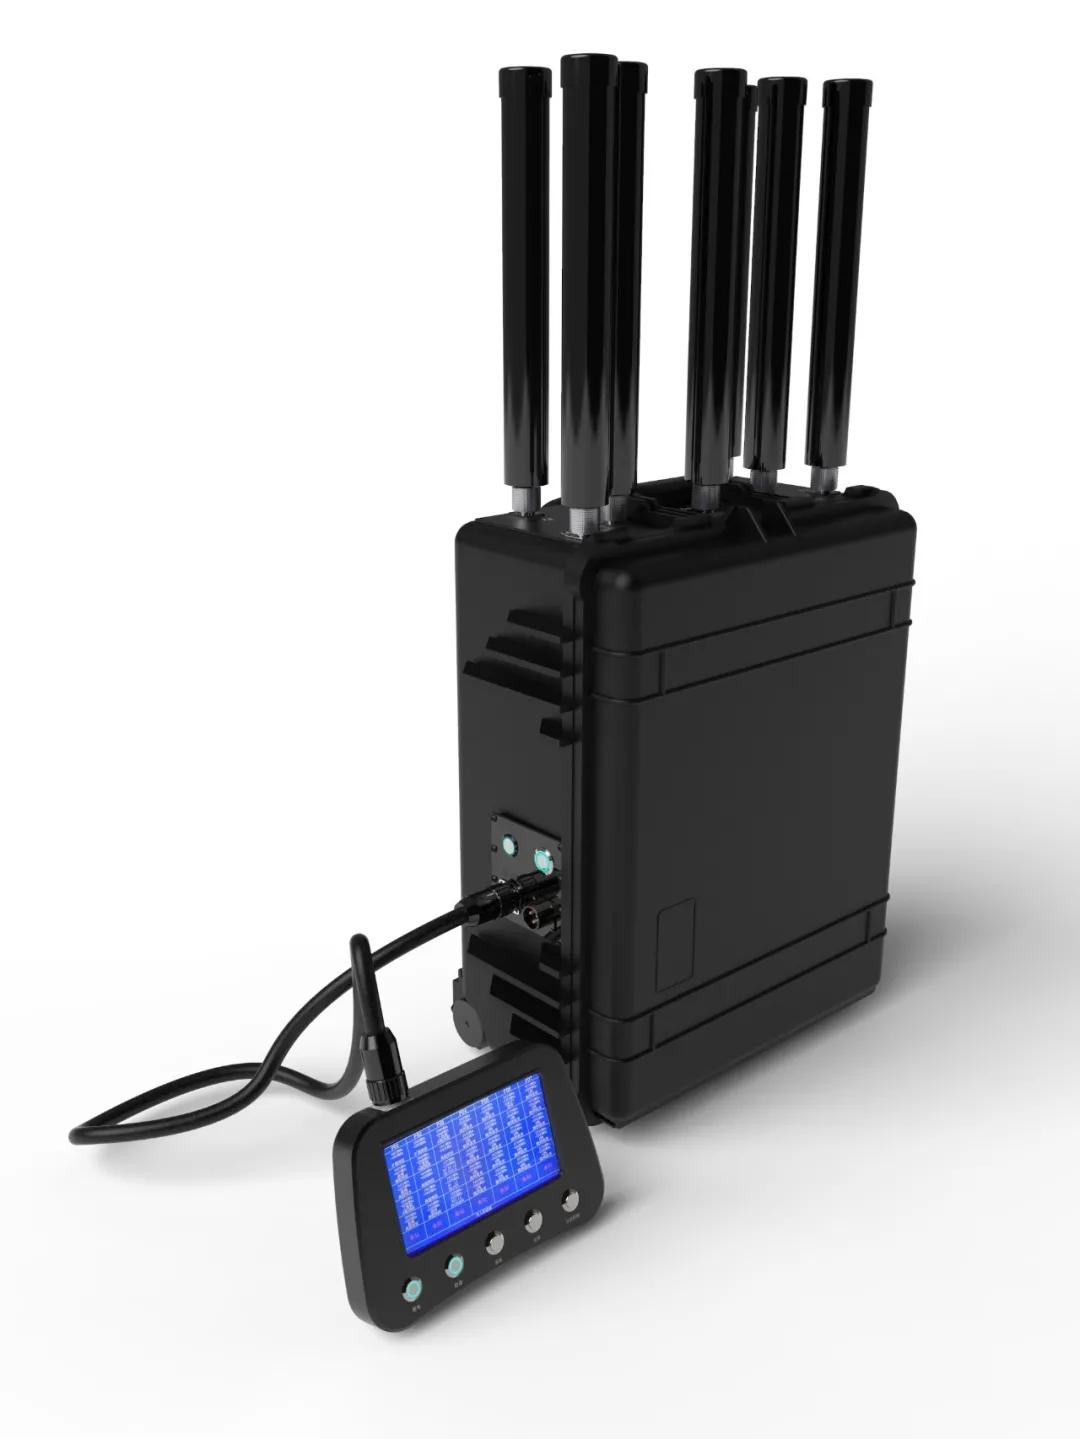 排爆、无人机拦截,警务活动中这个装备少不了——新品多功能5G干扰仪(组图)